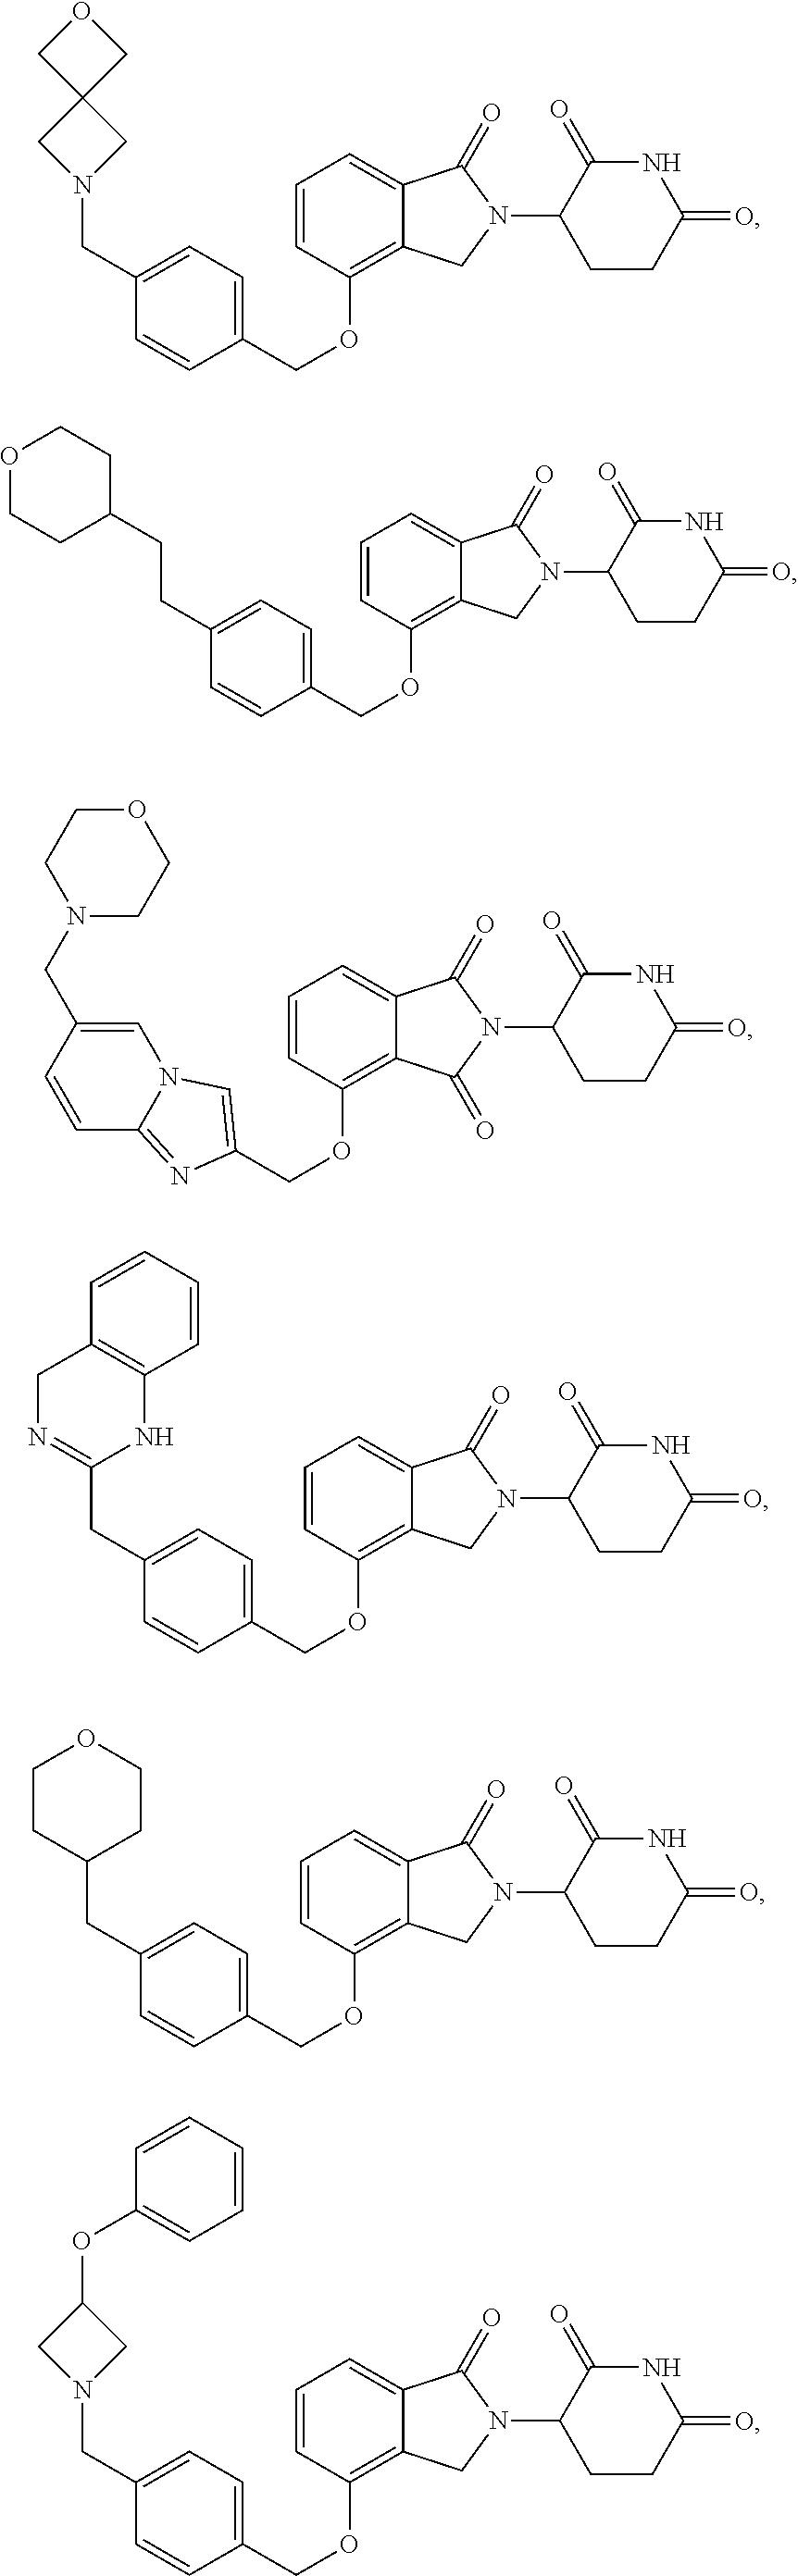 Figure US09587281-20170307-C00060